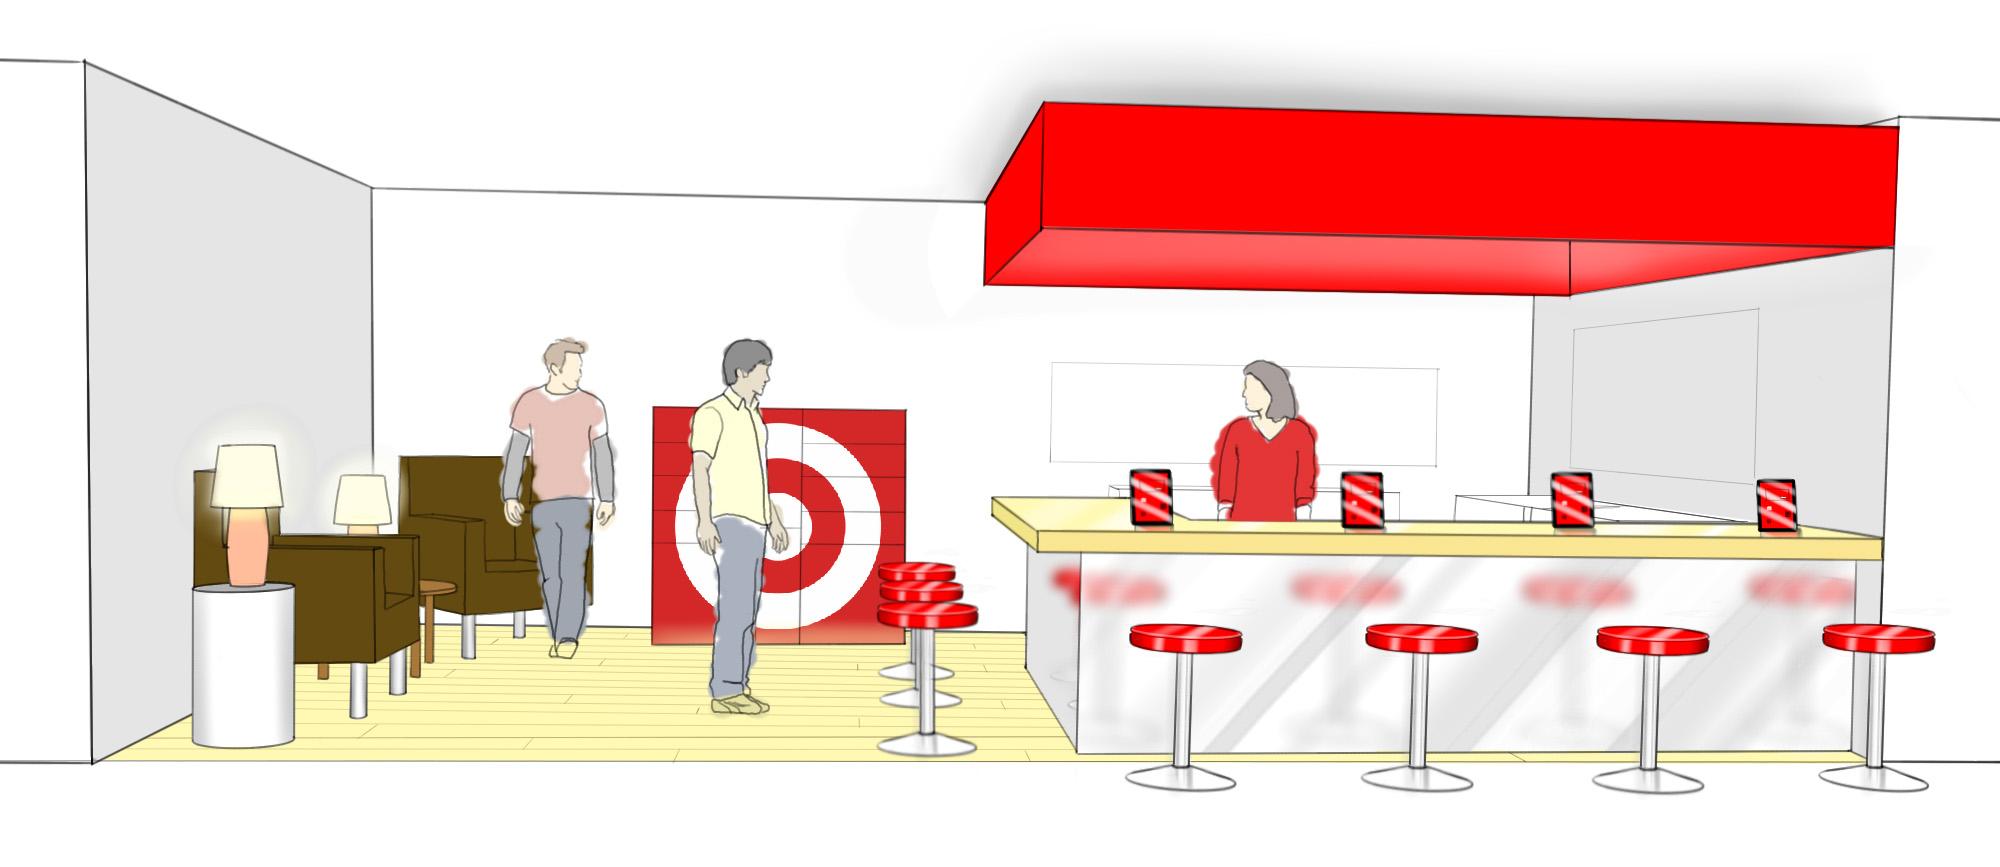 target photo kiosk 3D.jpg